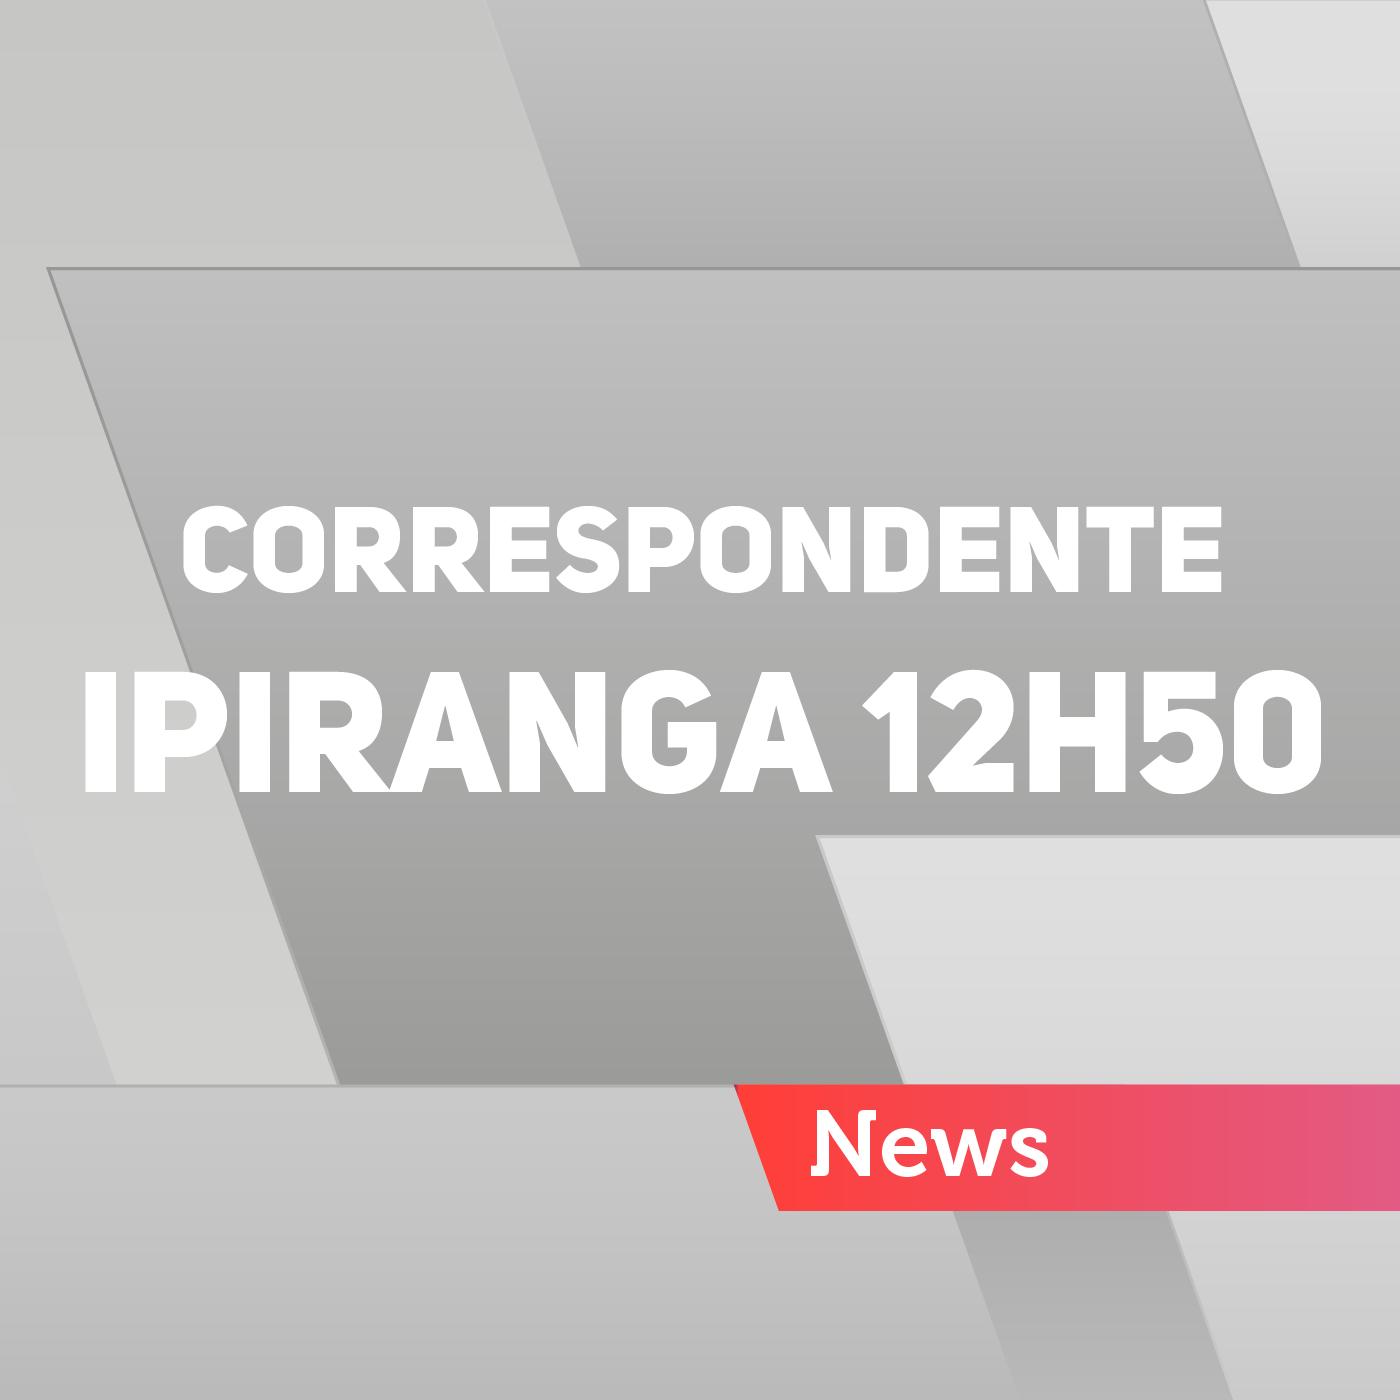 Correspondente Ipiranga 12h50 – 20/08/2017